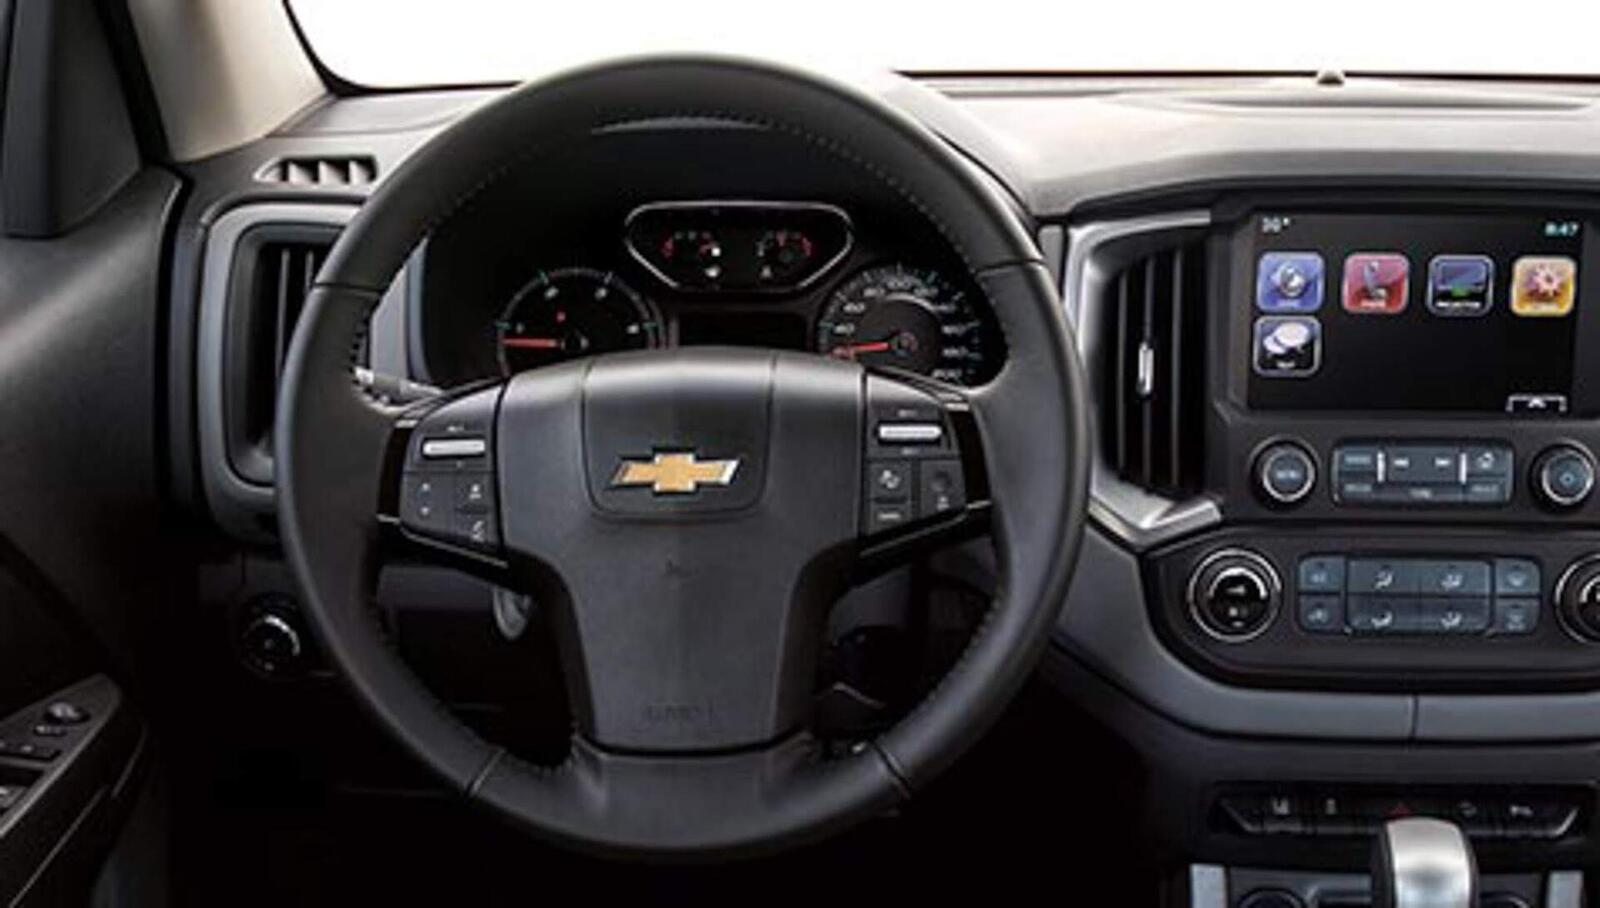 Chevrolet Trailblazer đã có giá bán; chỉ từ 859 triệu đồng - Hình 18